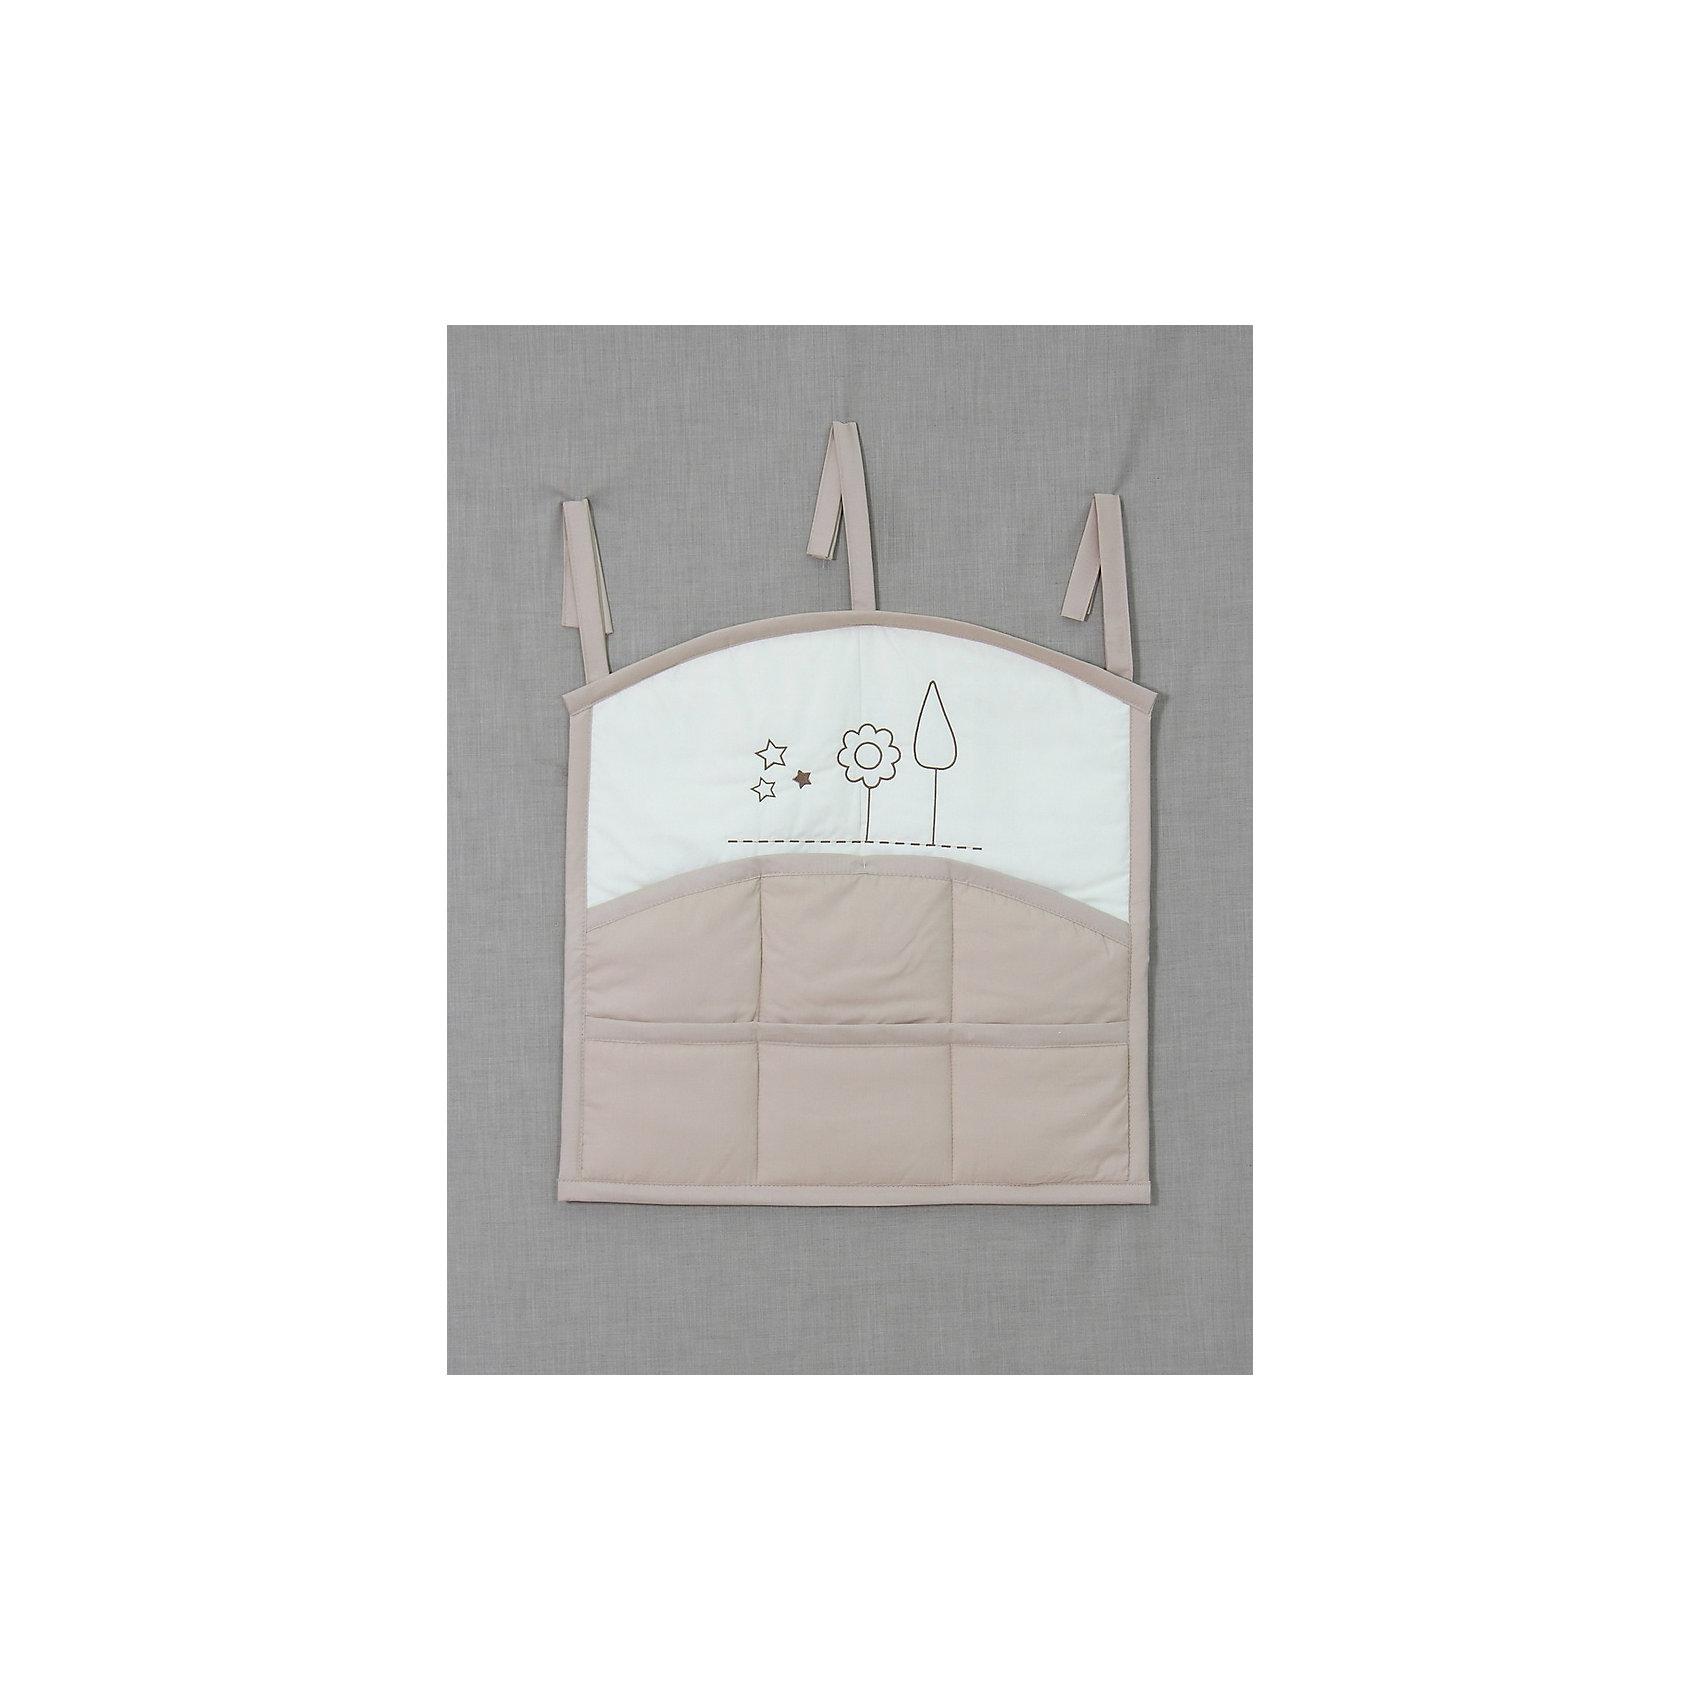 Карман на кроватку  Я и моя мама, FairyПостельное бельё<br>Характеристики товара:<br><br>• возраст с рождения;<br>• материал: хлопок;<br>• размер 59х60 см;<br>• 6 карманов;<br>• крепится с помощью 3 завязок<br>• размер упаковки 35х25х5 см;<br>• вес упаковки 300 гр.;<br>• страна производитель: Россия.<br><br>Карман для кроватки «Я и моя мама» Fairy позволяет маме иметь все необходимые вещи по уходу ха ребенком — салфетки, подгузники, игрушки, соски — всегда под рукой. При помощи 3 завязок карман крепится на кроватку. Предусмотрено 6 карманов для различных предметов. Карман изготовлен из качественного натурального хлопка.<br><br>Карман для кроватки «Я и моя мама» Fairy можно приобрести в нашем интернет-магазине.<br><br>Ширина мм: 590<br>Глубина мм: 600<br>Высота мм: 100<br>Вес г: 300<br>Возраст от месяцев: 0<br>Возраст до месяцев: 36<br>Пол: Унисекс<br>Возраст: Детский<br>SKU: 5610107